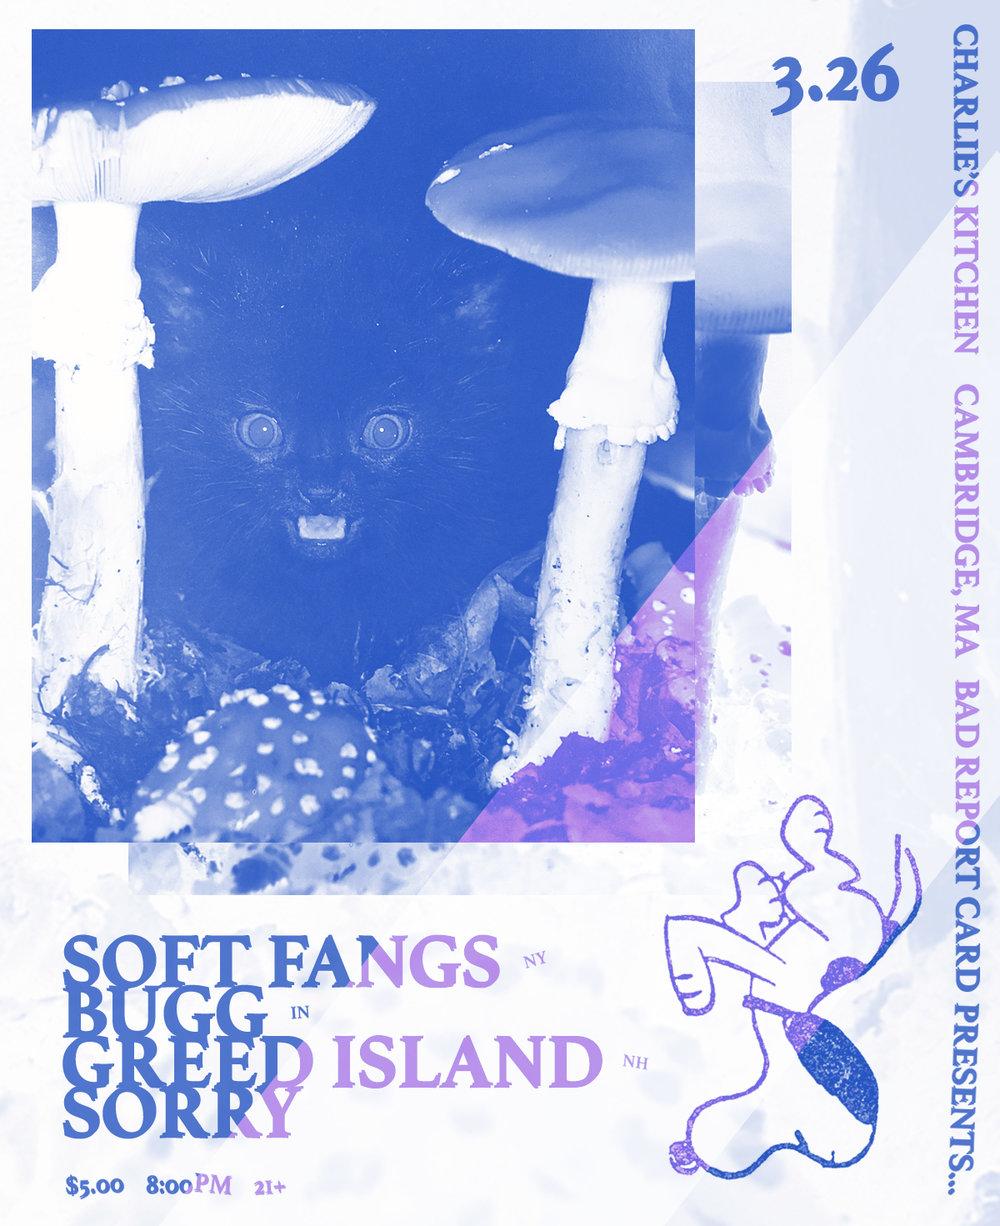 Flyer-SoftFangs326-BluePurpleStripe copy.jpg